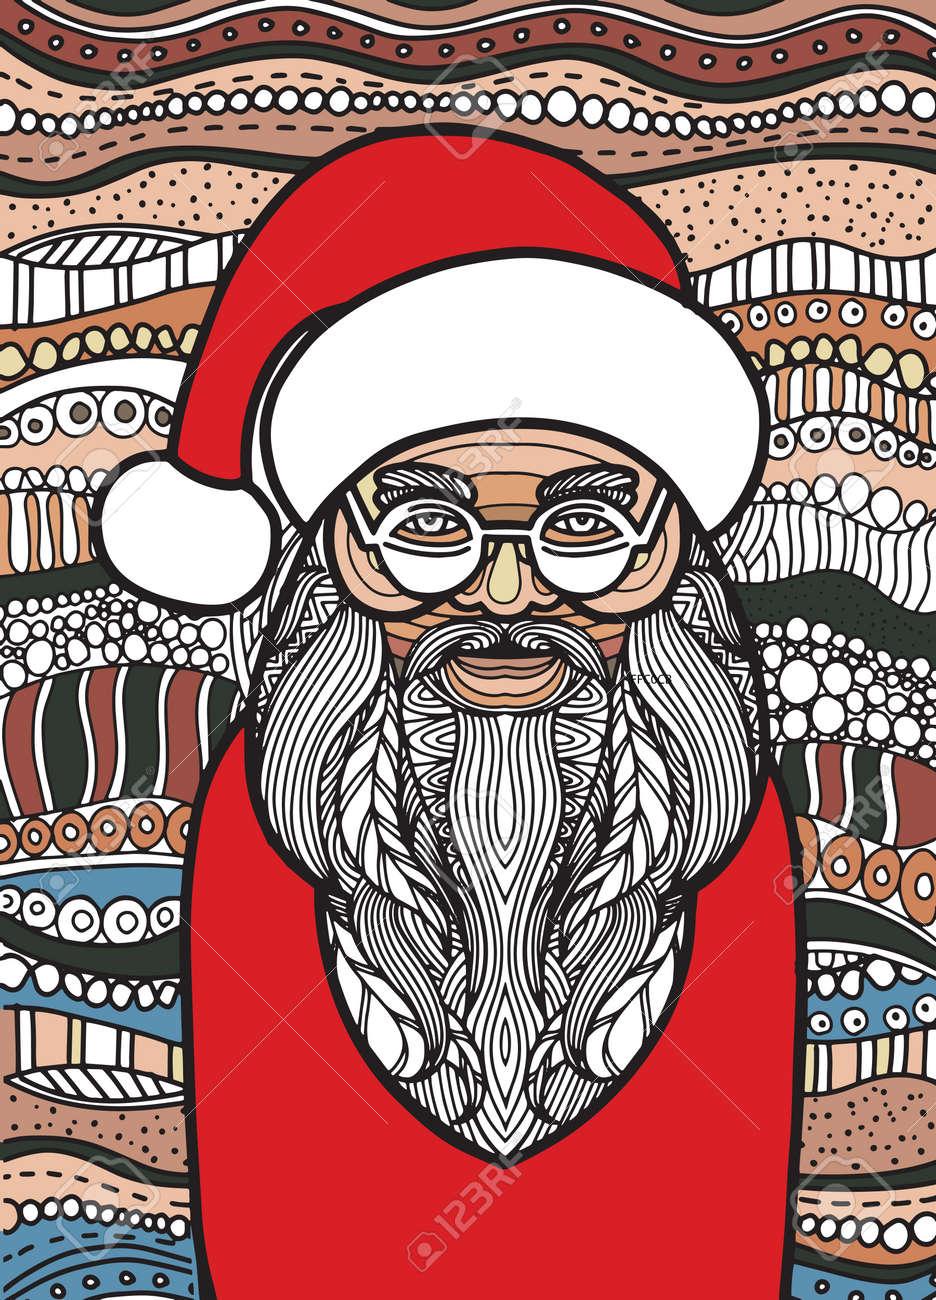 Dessin De Style Père Noël Pour Livre De Coloriage Tatouage Conception De Chemise Logo Signe Illustration Stylisée De Licorne De Cheval Dans Le